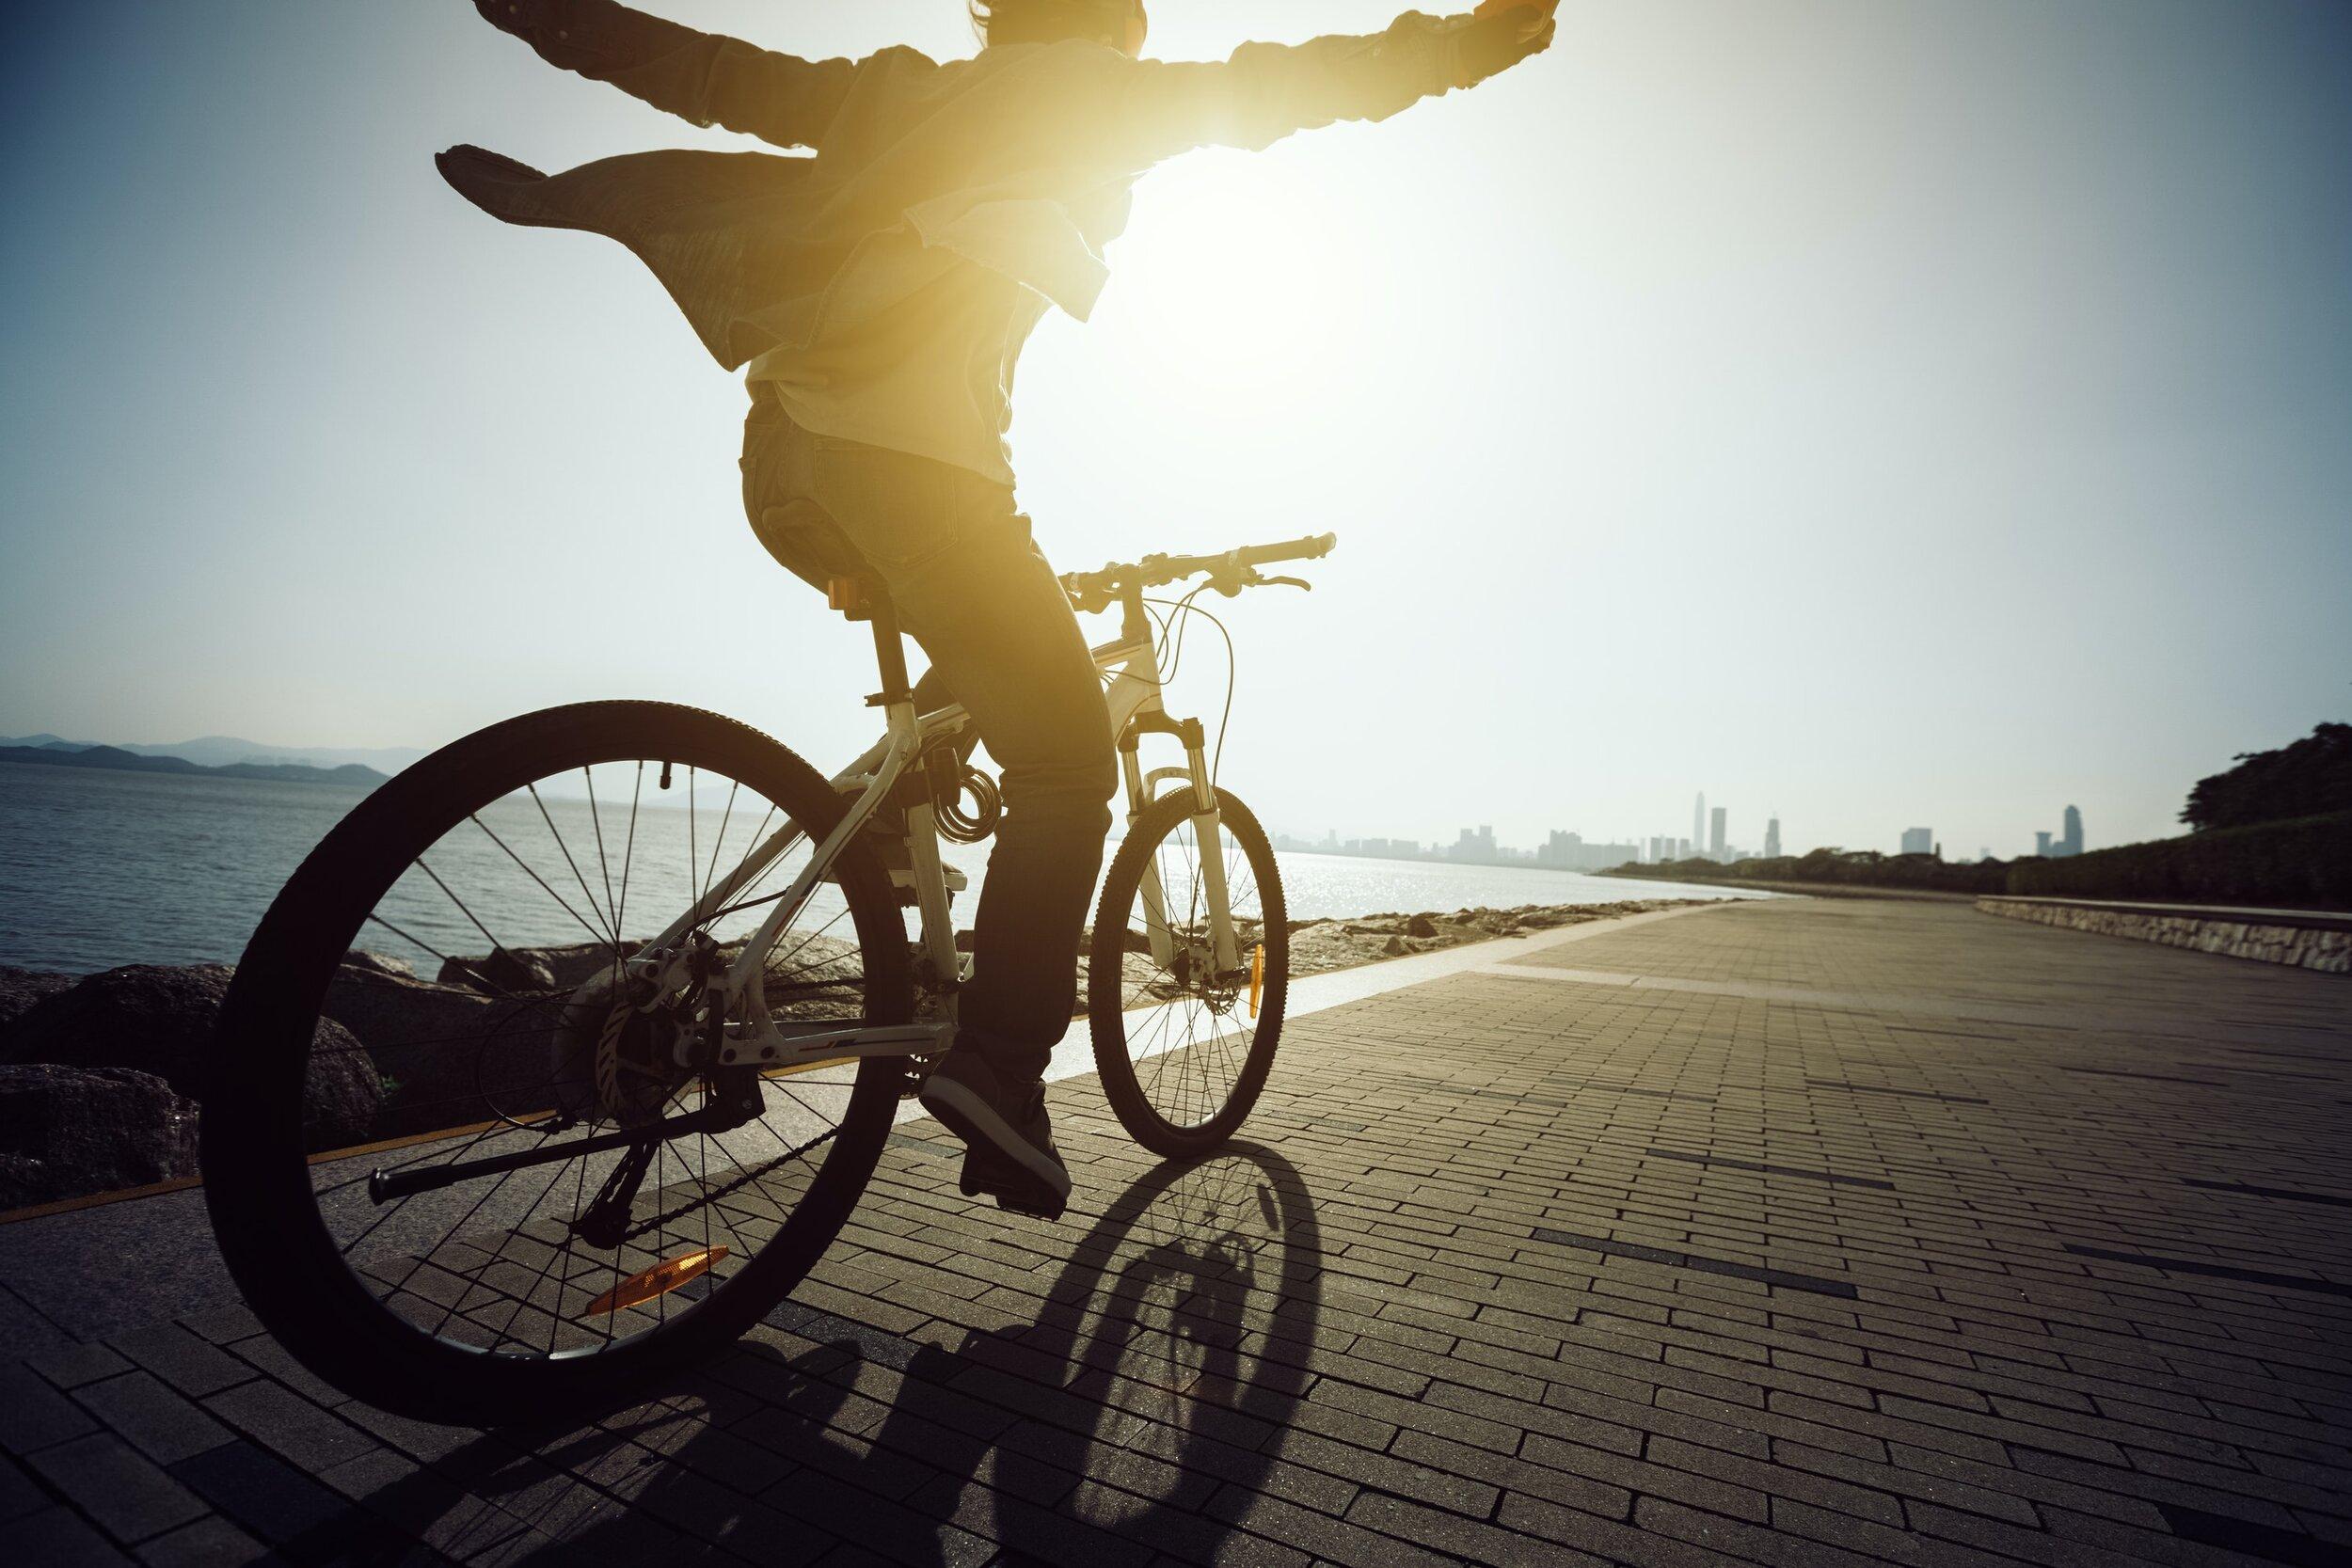 cyclistnotholdingontohandlebars